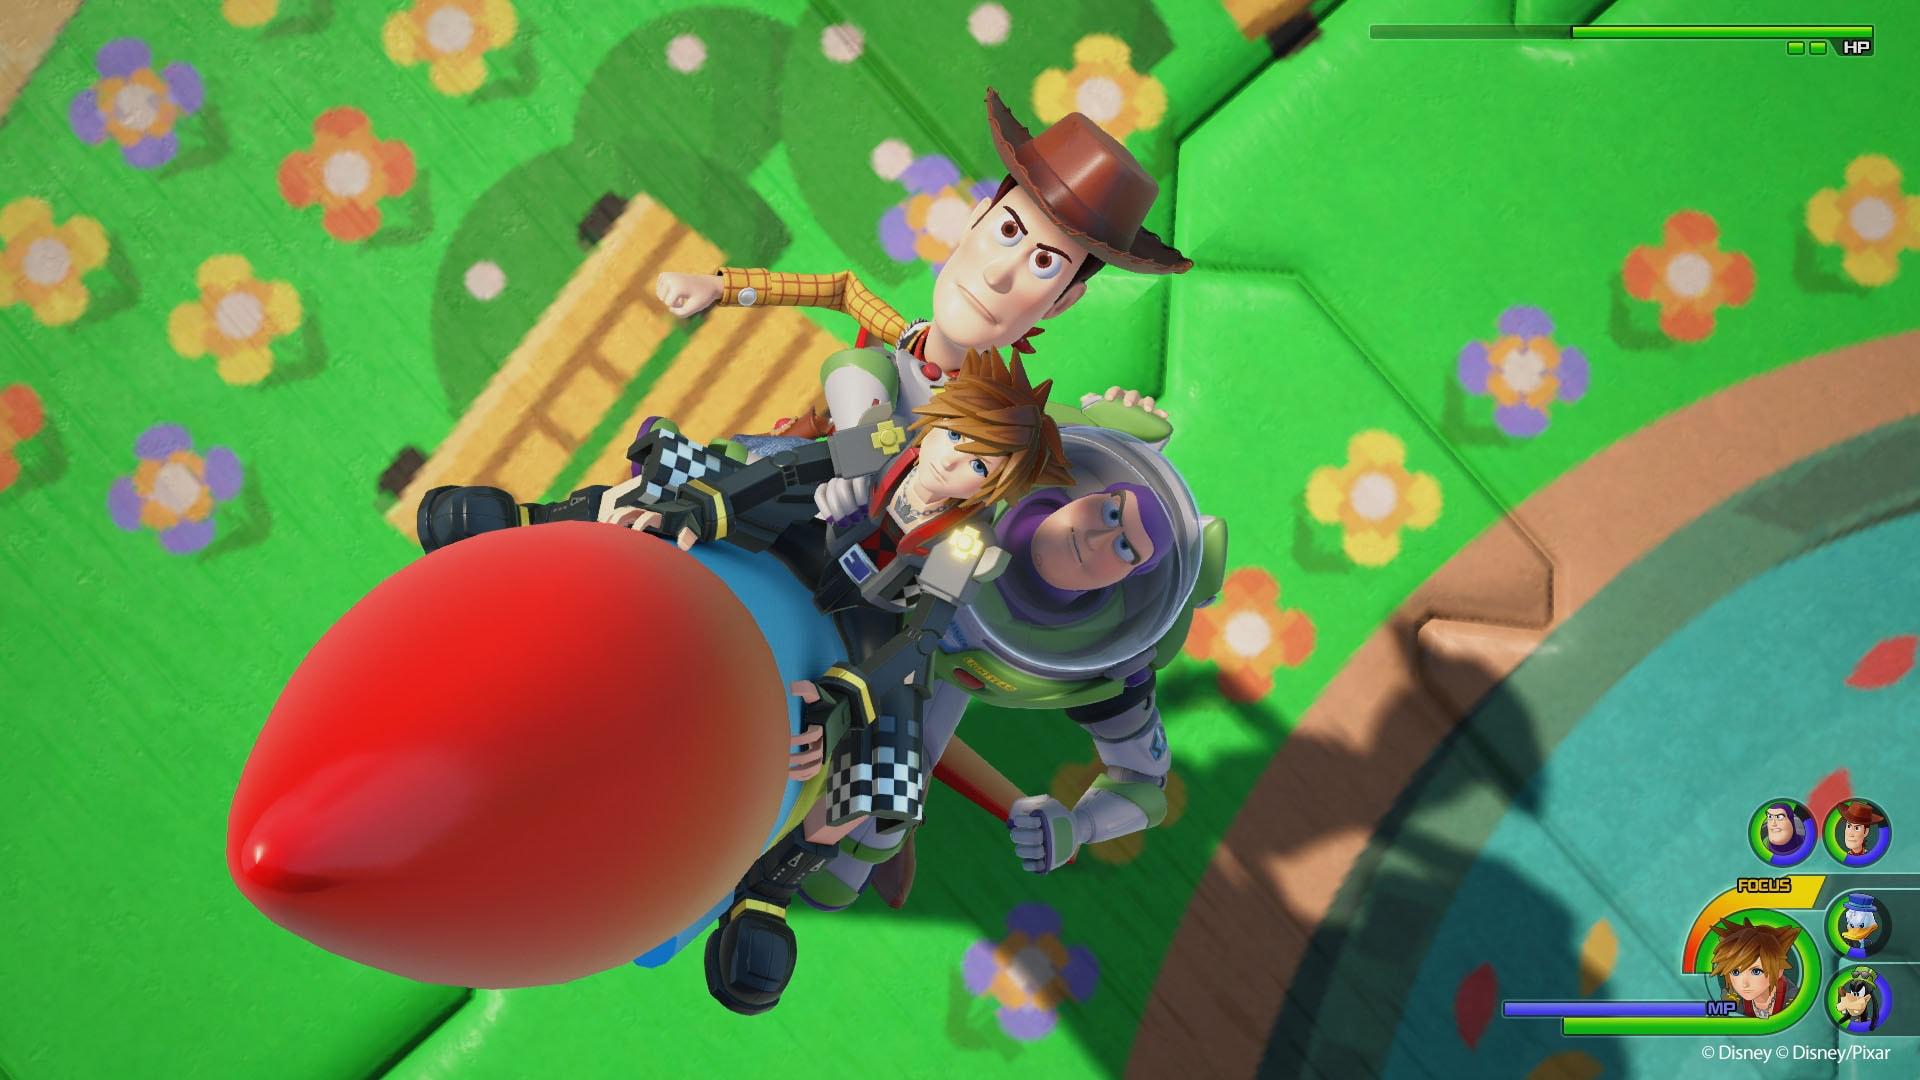 Imagen oficial de Kingdom Hearts 3 en Toy Story